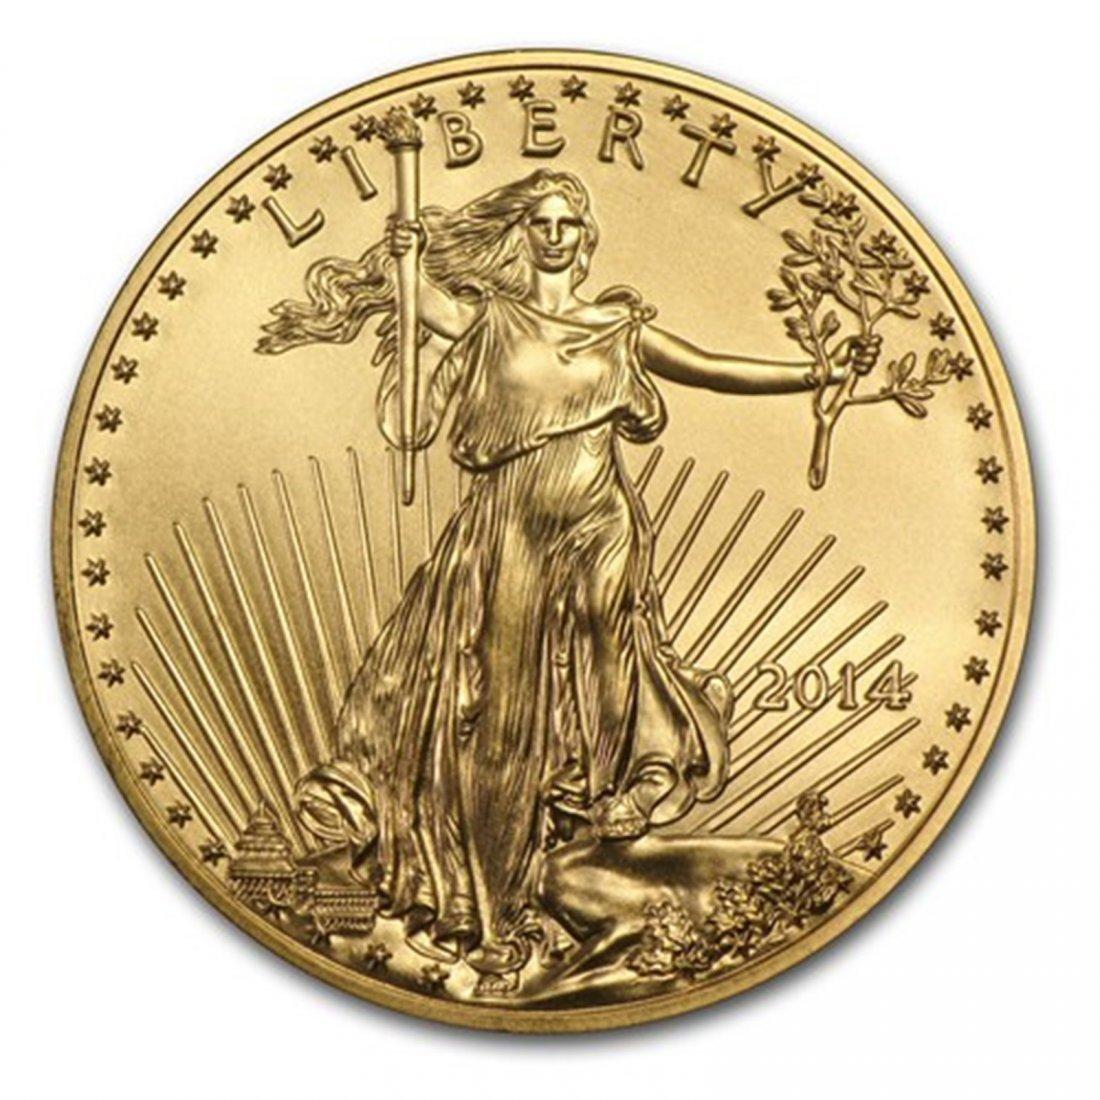 2014 1 oz Gold American Eagle BU